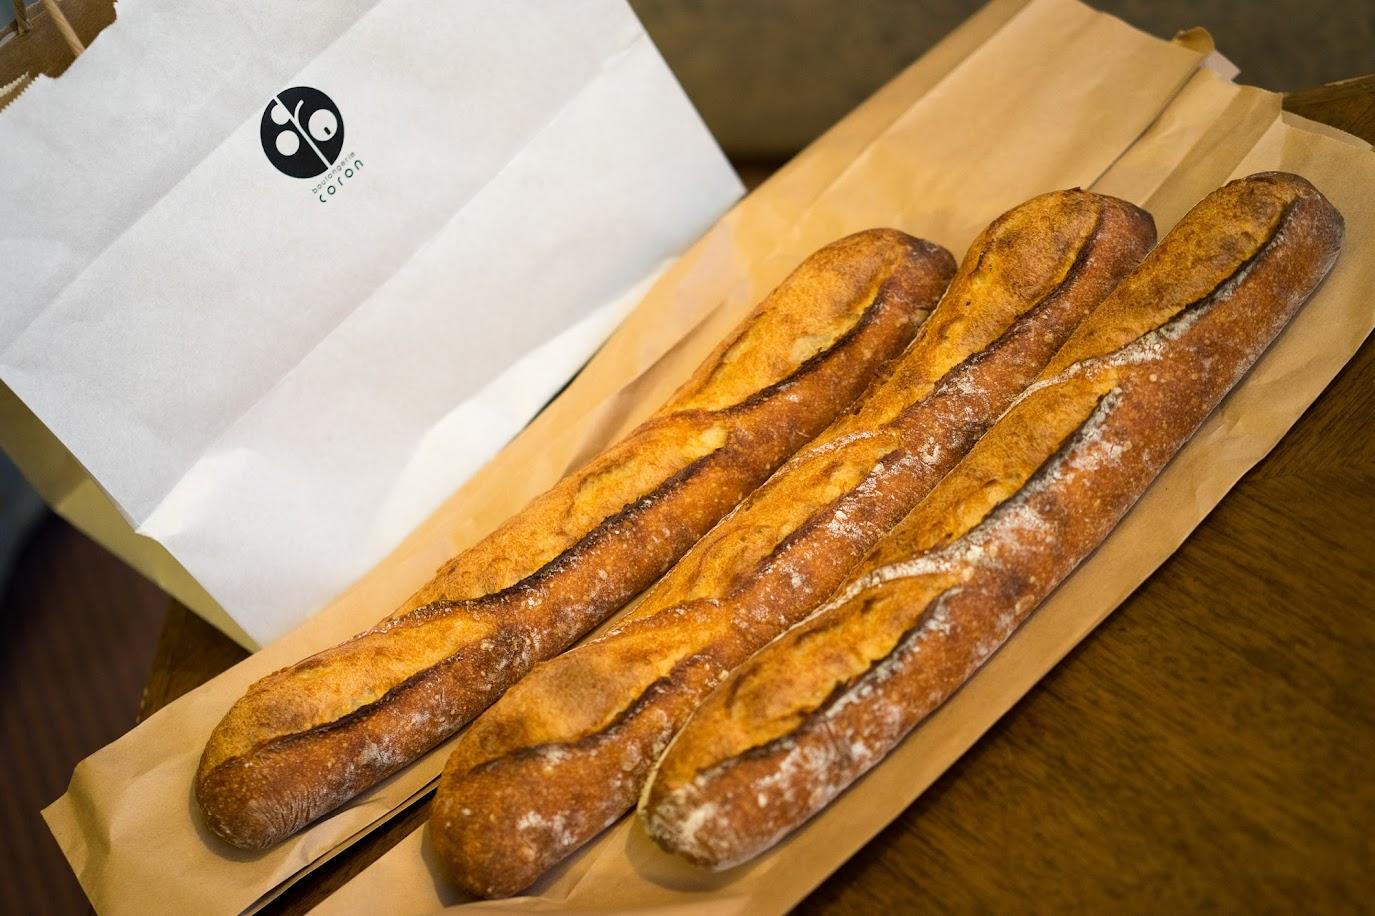 ブーランジェリー コロン(boulangerie coron)のフランスパン